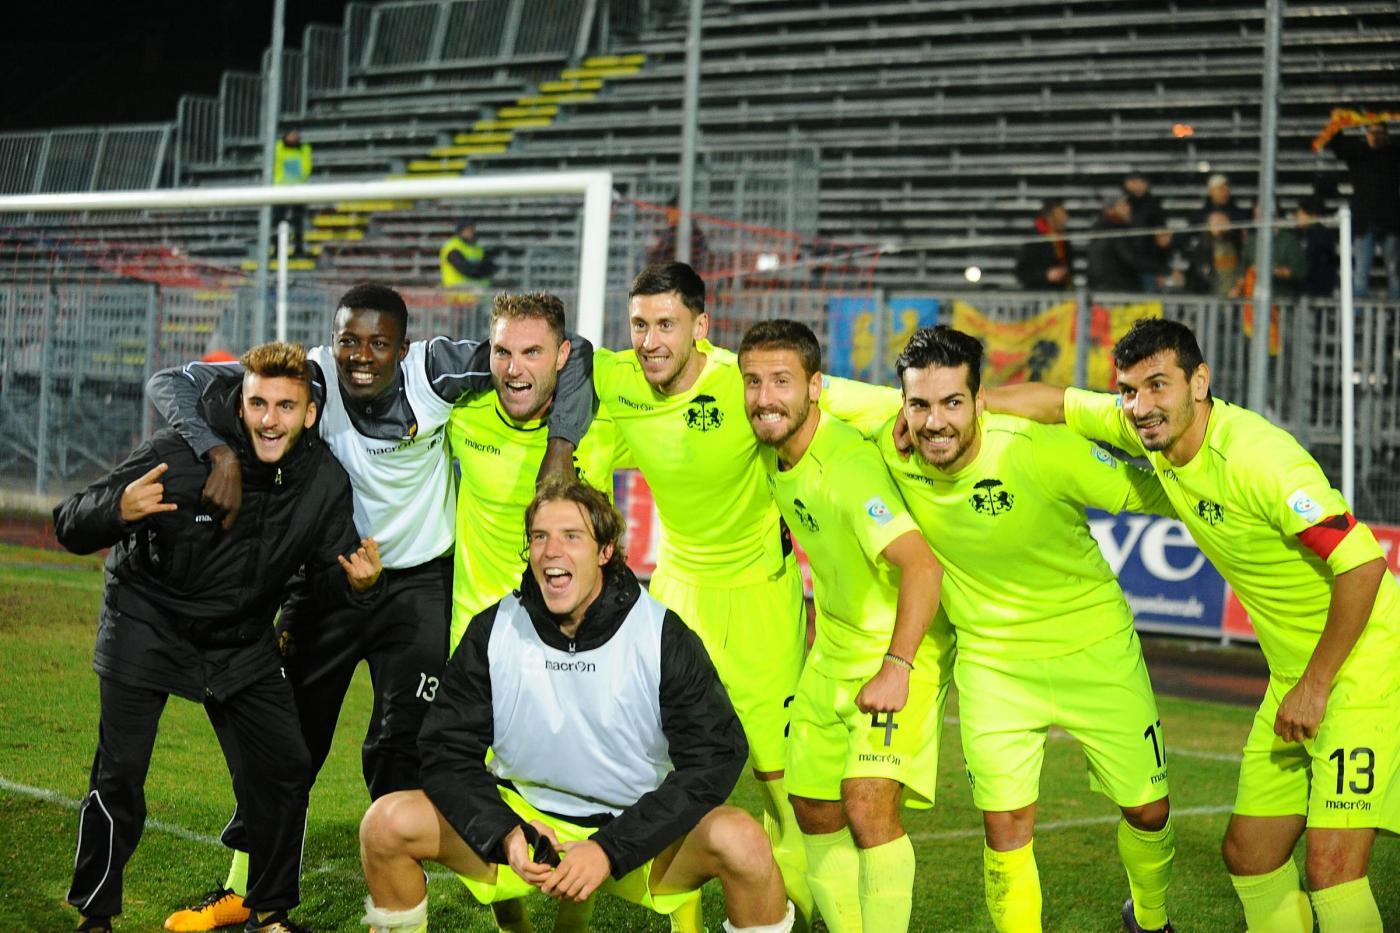 Serie C, Gubbio-Ravenna 16 settembre: analisi e pronostico della giornata della terza divisione calcistica italiana